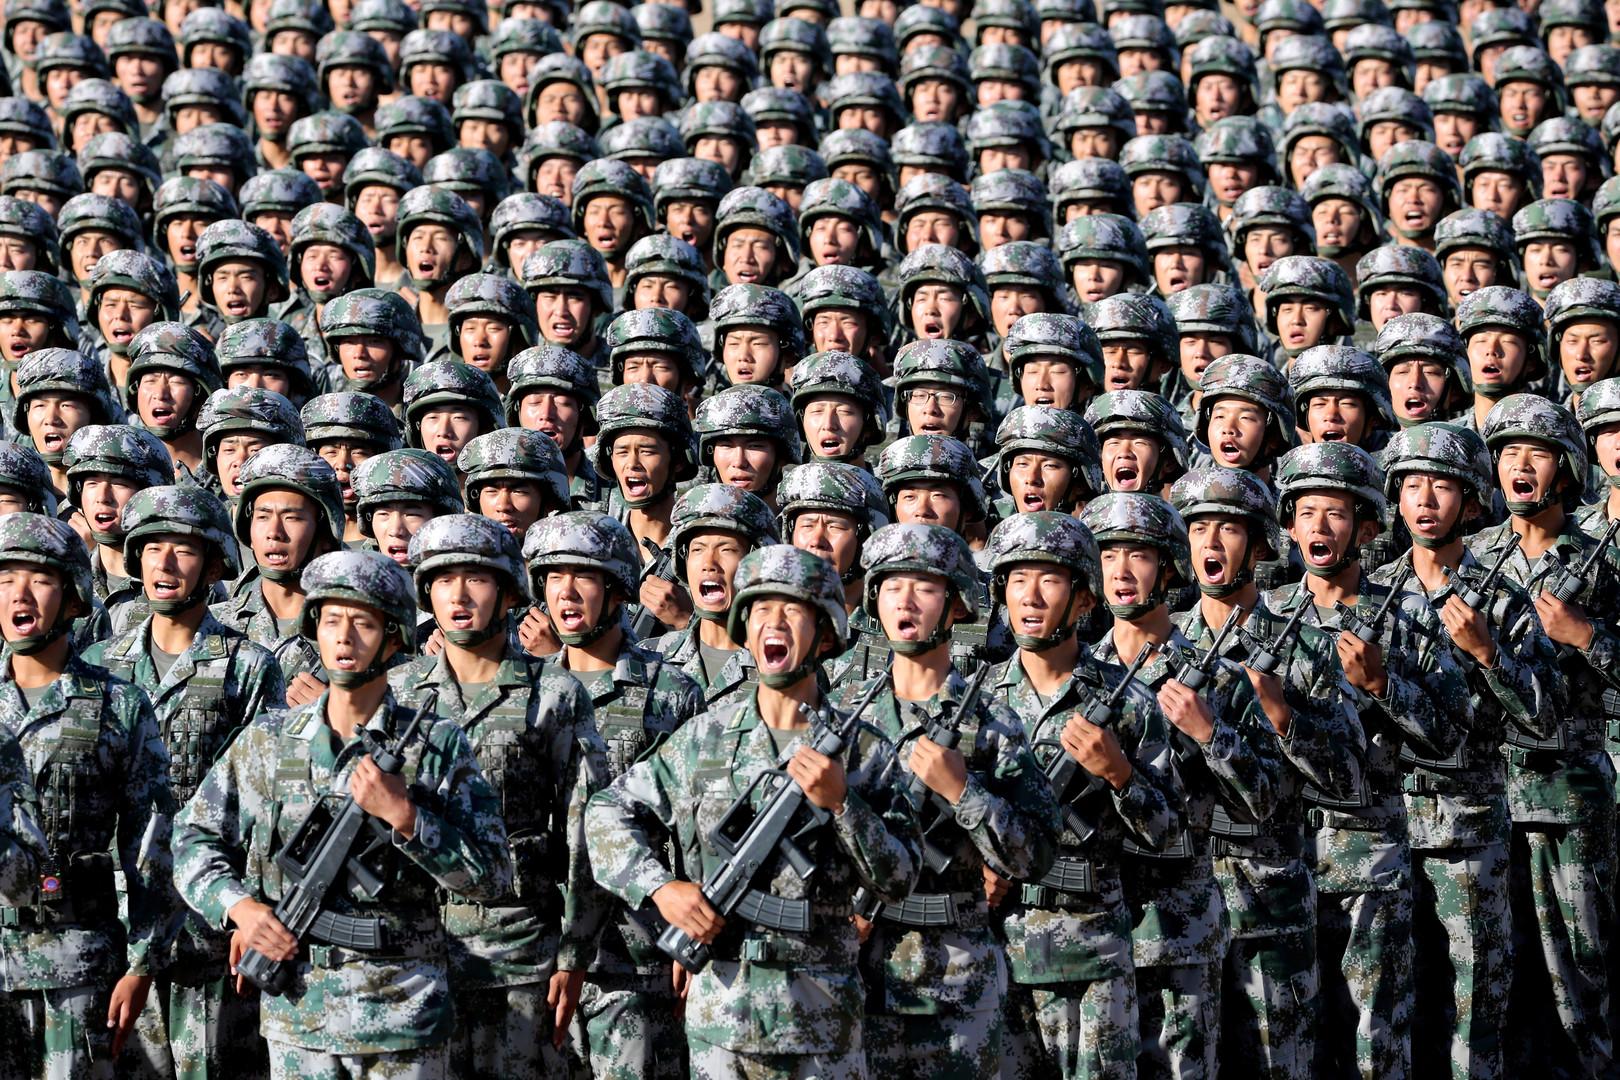 Démonstration de force de l'armée chinoise autour de Xi Jinping (VIDEO)